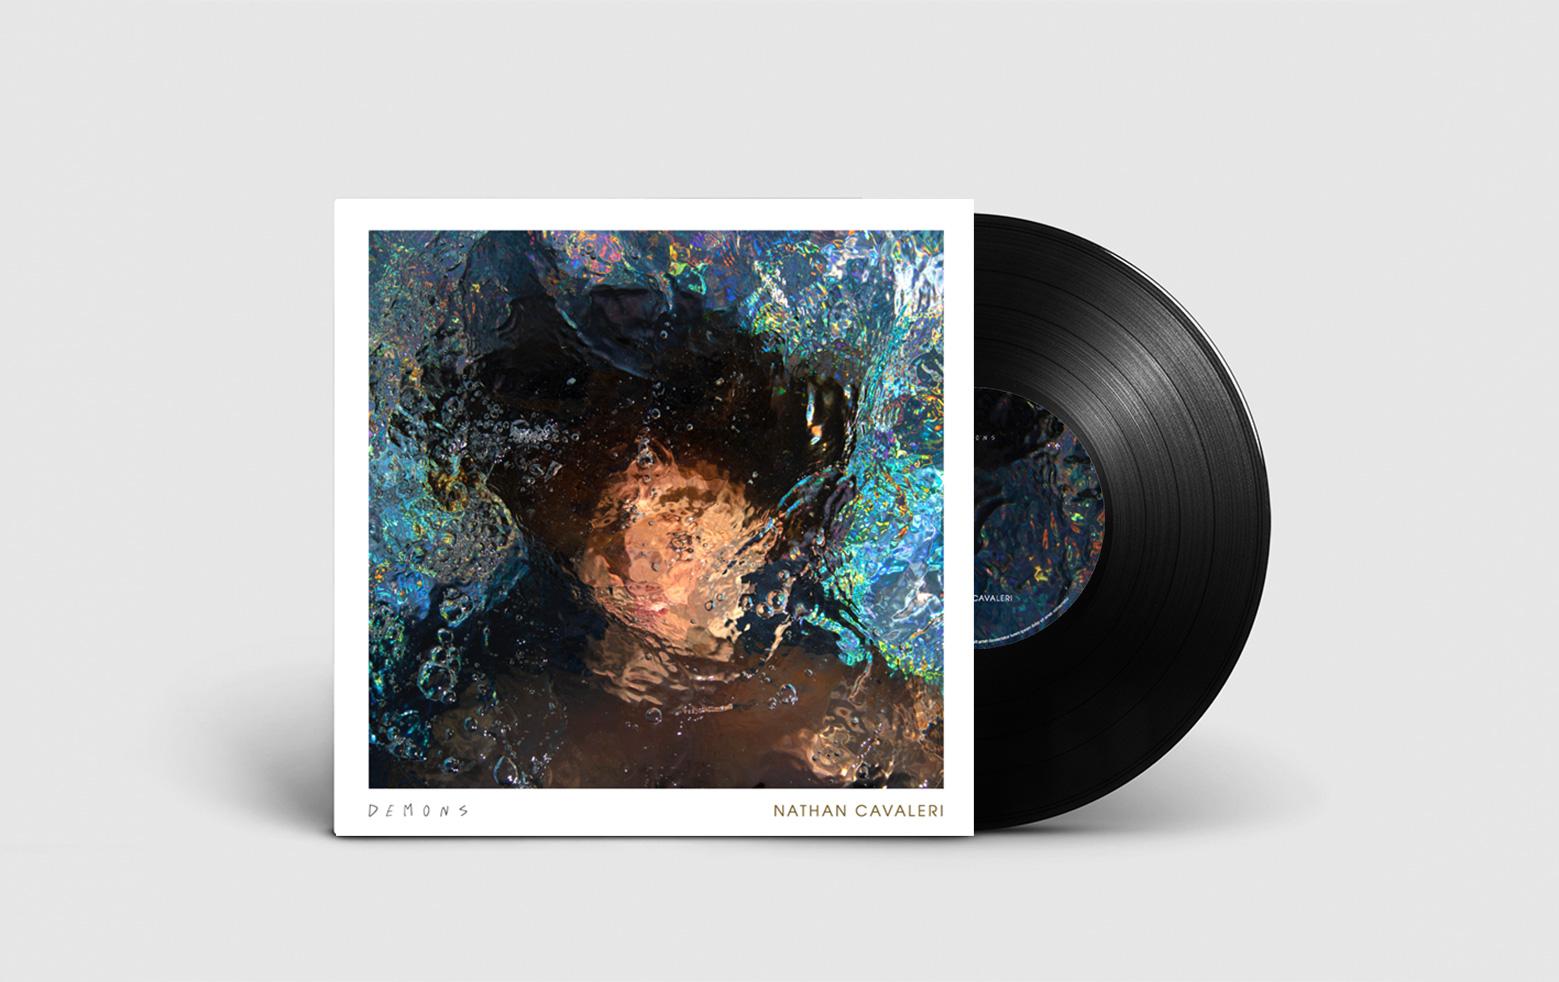 Nathan Cavaleri, album cover, 2018